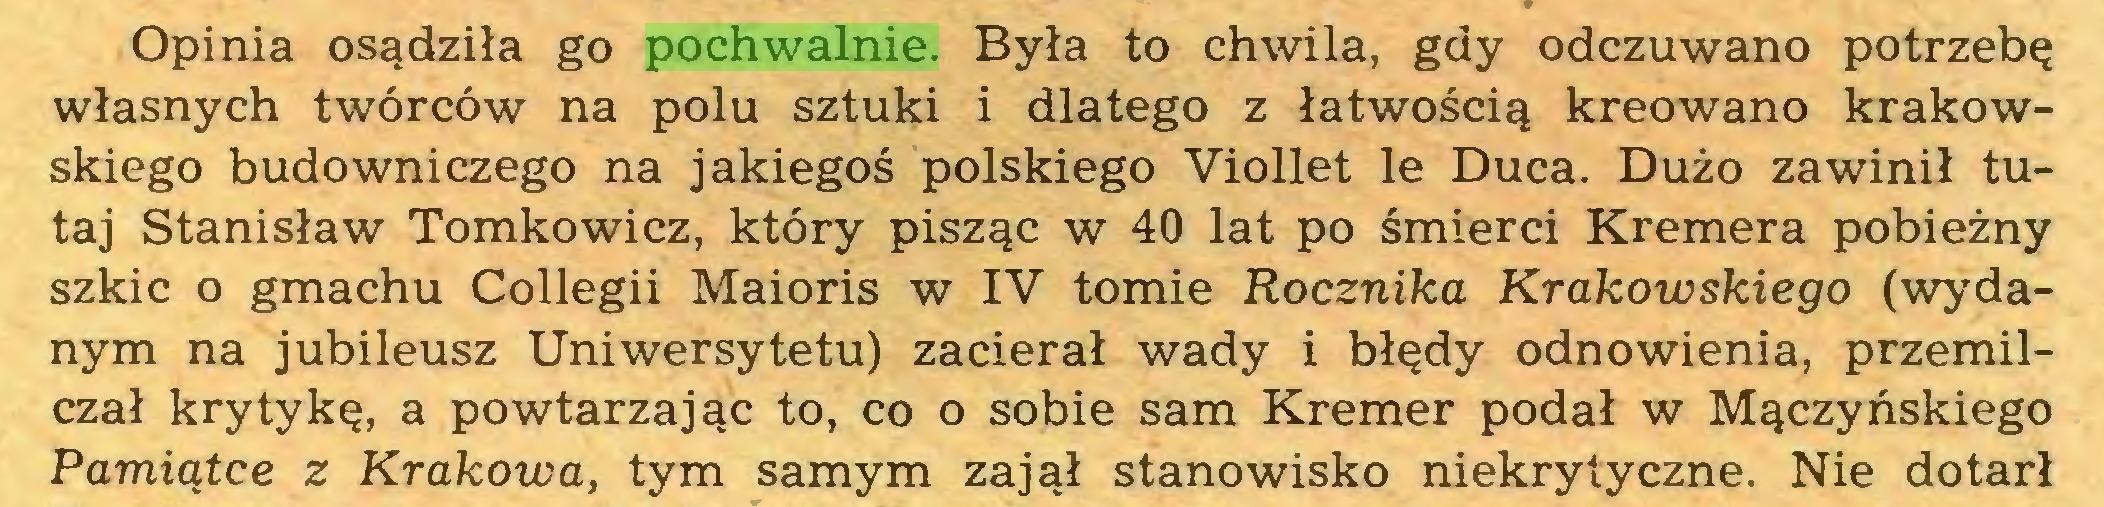 (...) Opinia osądziła go pochwalnie. Była to chwila, gdy odczuwano potrzebę własnych twórców na polu sztuki i dlatego z łatwością kreowano krakowskiego budowniczego na jakiegoś polskiego Viollet le Duca. Dużo zawinił tutaj Stanisław Tomkowicz, który pisząc w 40 lat po śmierci Kremera pobieżny szkic o gmachu Collegii Maioris w IV tomie Rocznika Krakowskiego (wydanym na jubileusz Uniwersytetu) zacierał wady i błędy odnowienia, przemilczał krytykę, a powtarzając to, co o sobie sam Kremer podał w Mączyńskiego Pamiątce z Krakowa, tym samym zajął stanowisko niekrytyczne. Nie dotarł...